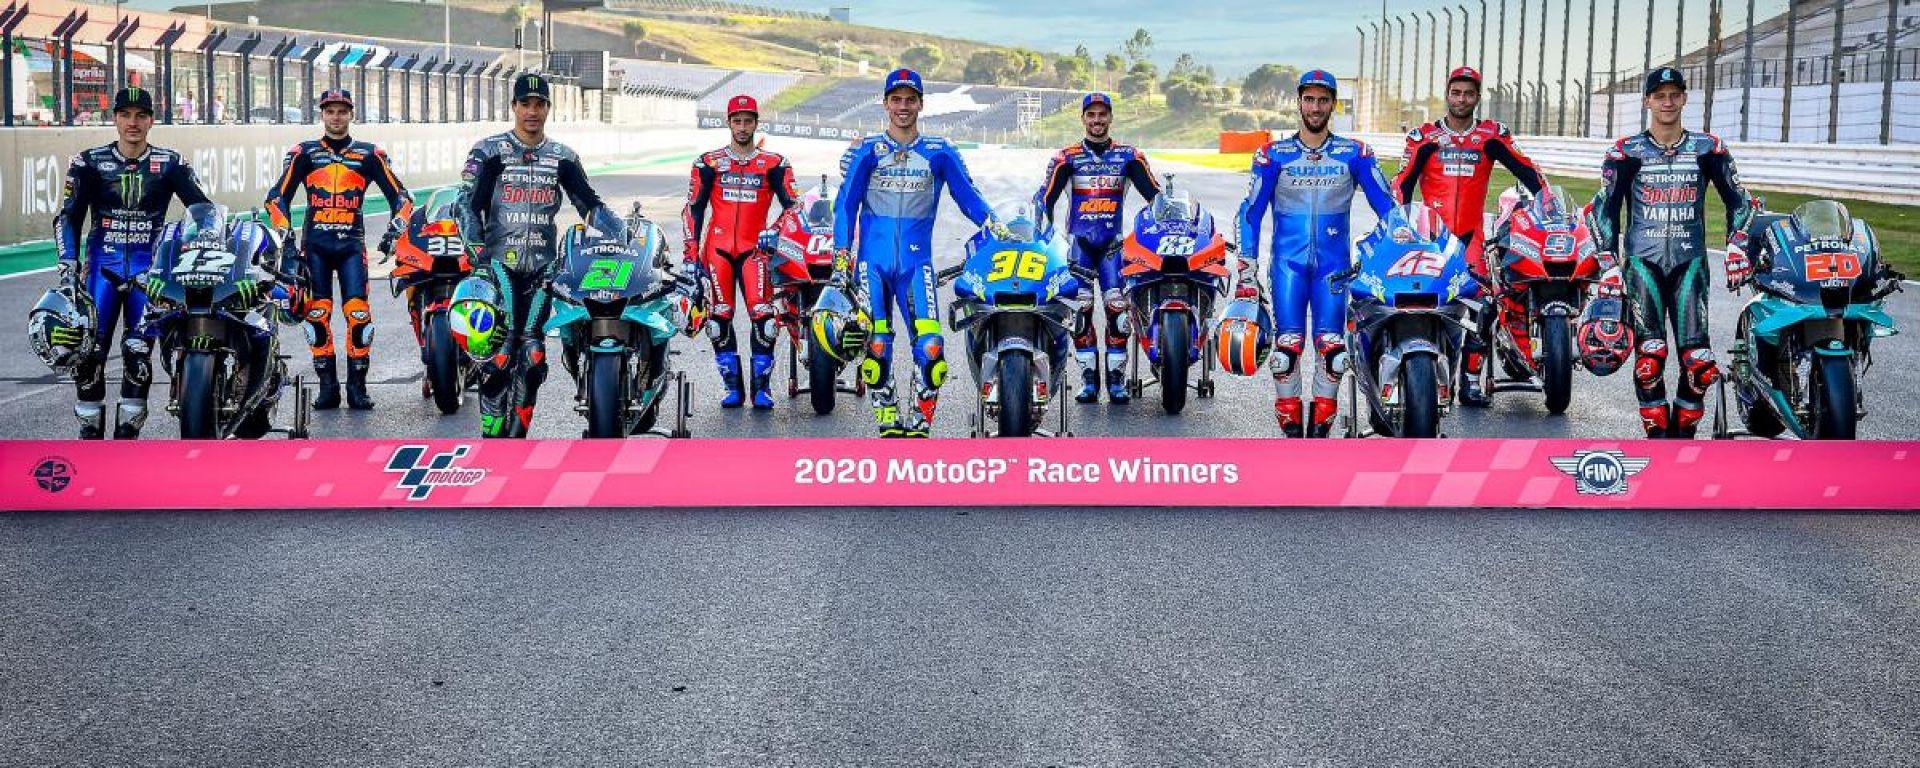 I nove vincitori di GP del 2020, da sinistra: Vinales, Binder, Morbidelli, Dovizioso, Mir, Oliveira, Rins, Petrucci e Quartararo